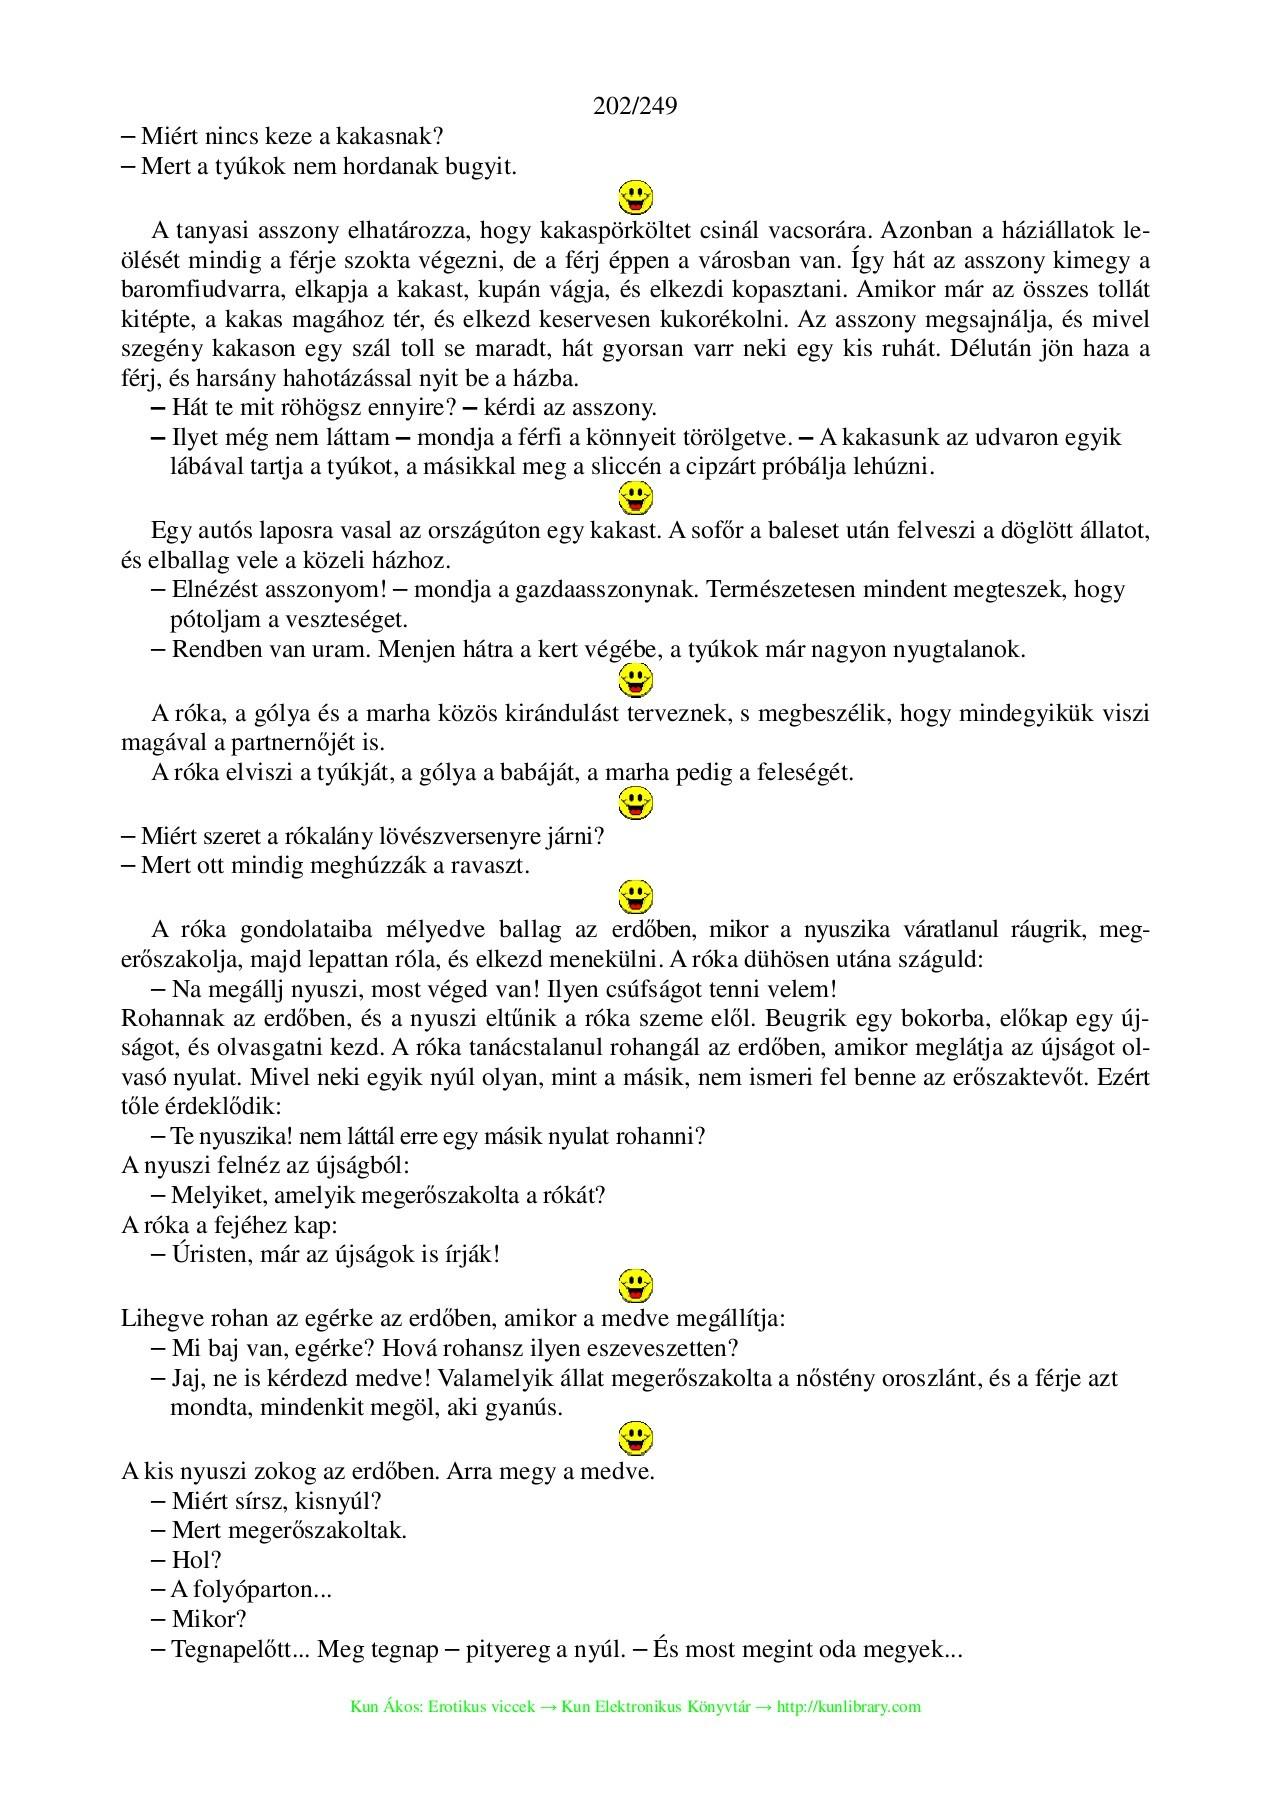 Viamax Vitalizer - 2 Db - mrpotencia